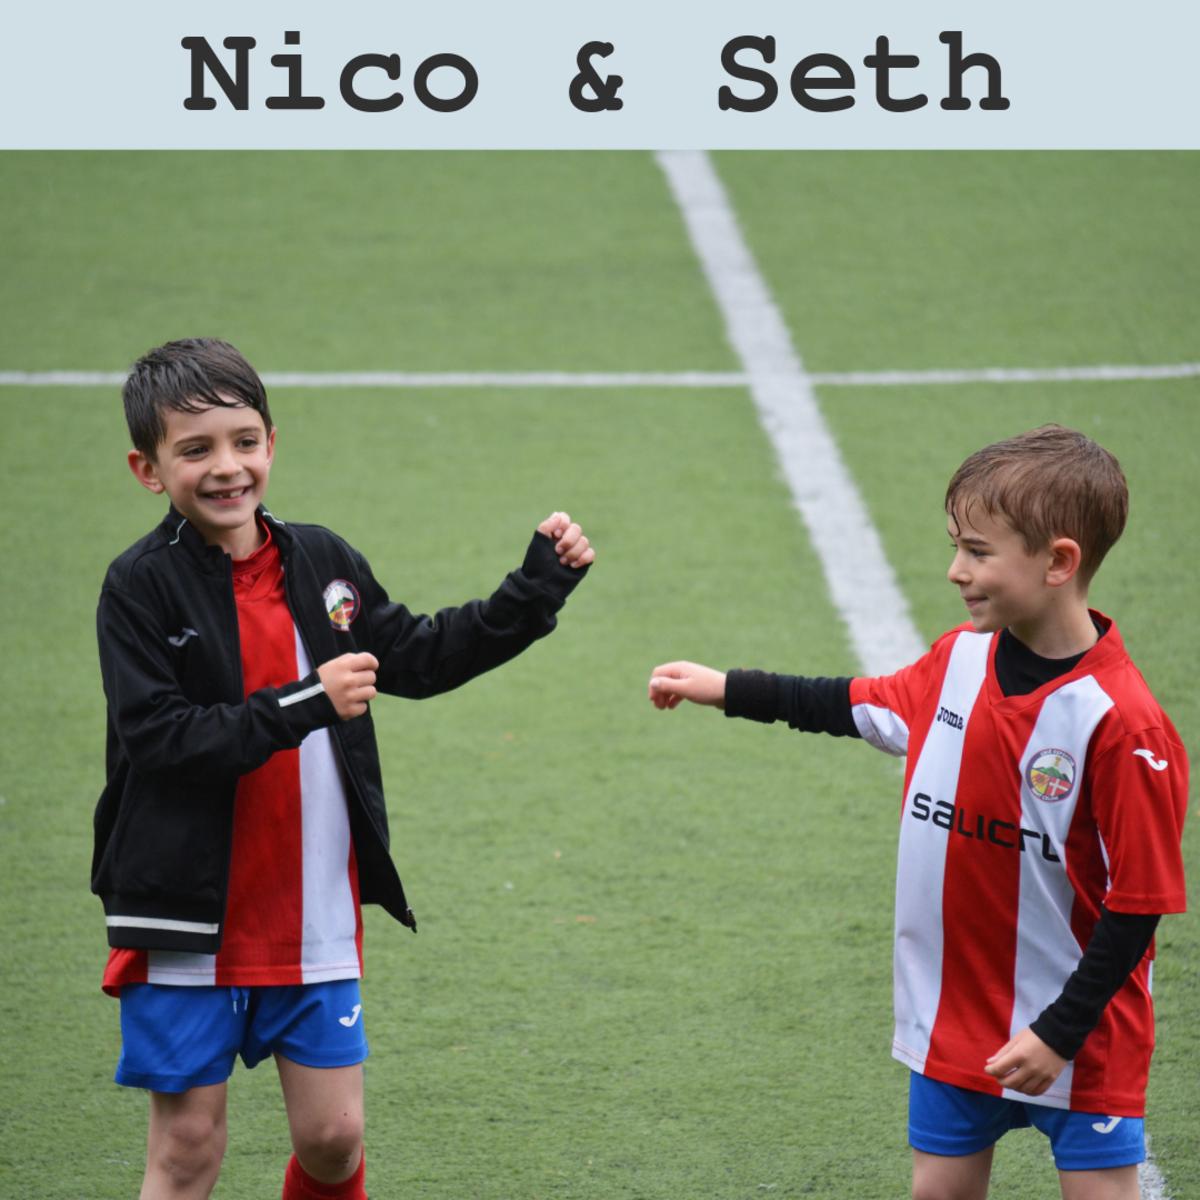 Nico and Seth